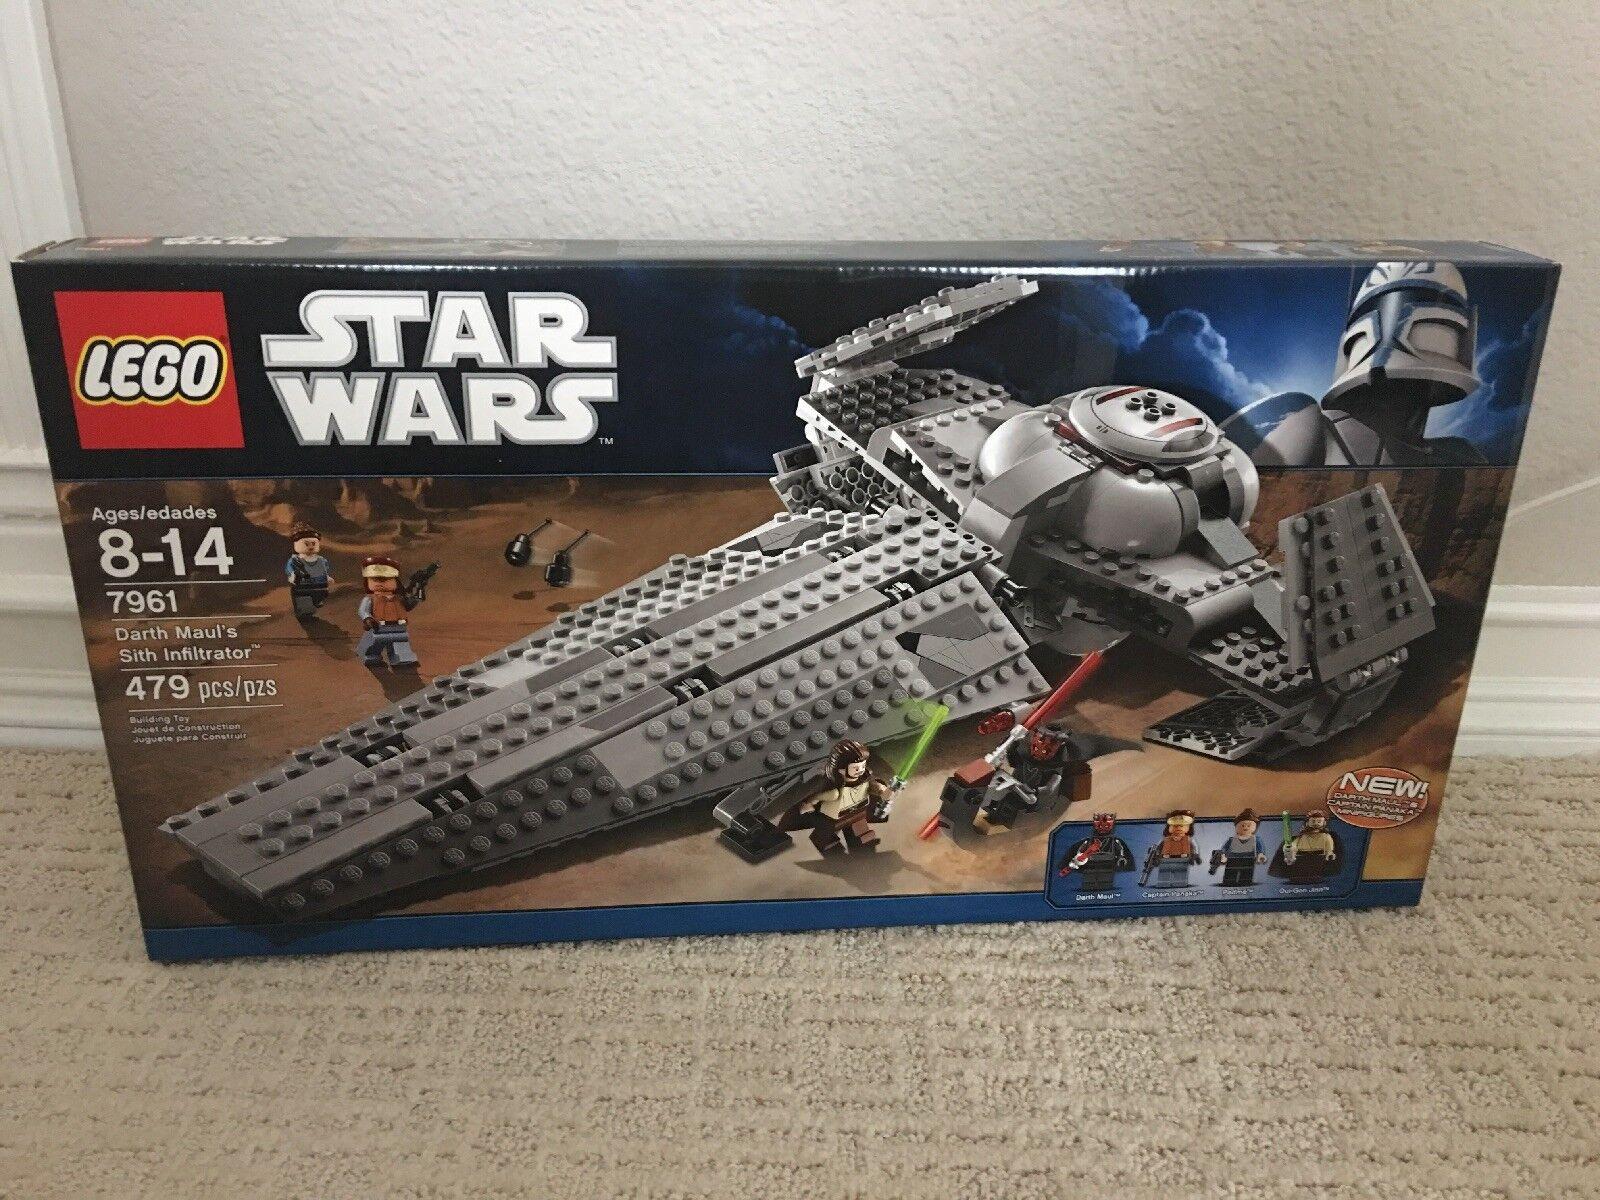 LEGO estrella guerras 7961 Darth Maul's Sith Infiltrator nuovo Sealed   acquisti online